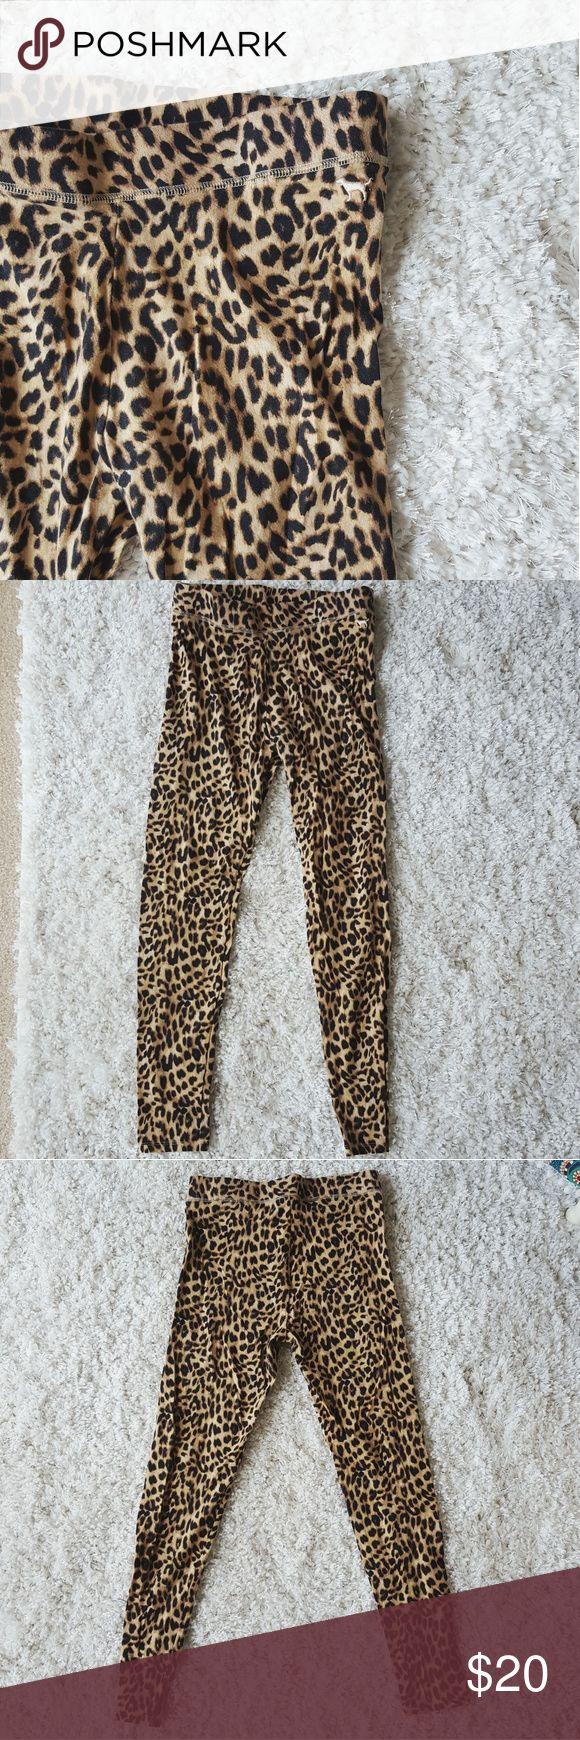 VS Pink Cheetah Leggings Slim fit cotton leggings  Size S Super comfy! Great condition PINK Victoria's Secret Pants Leggings